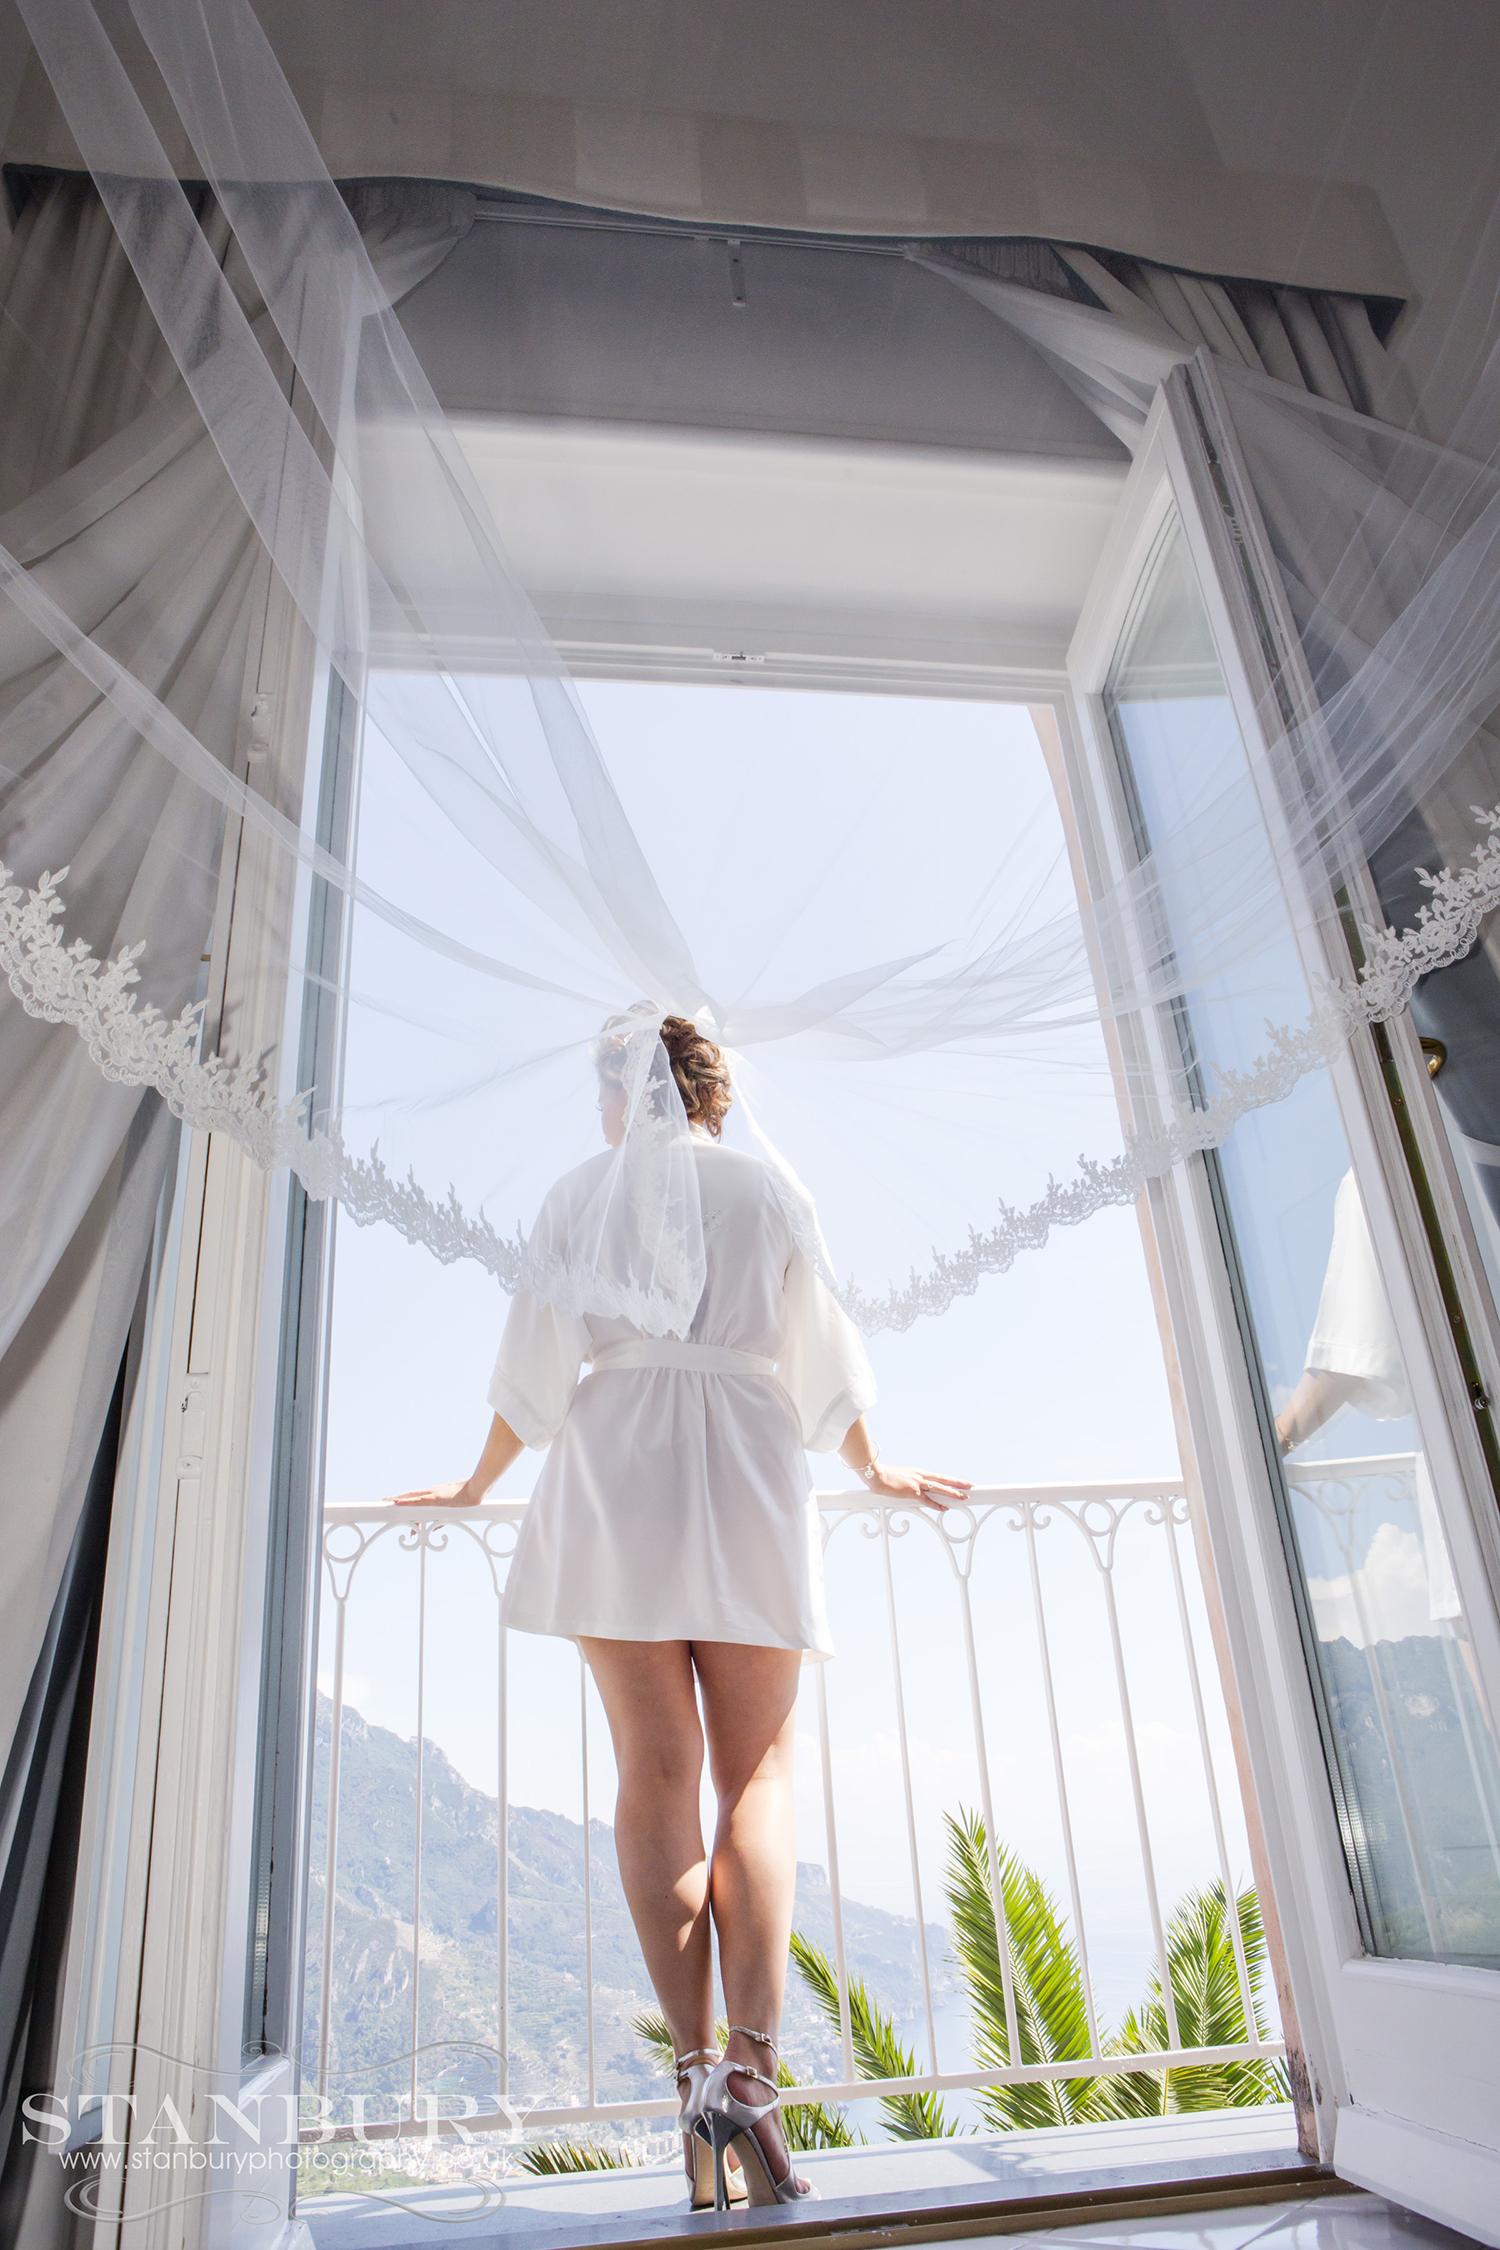 amalfi italy destination wedding photographers stanbury photography